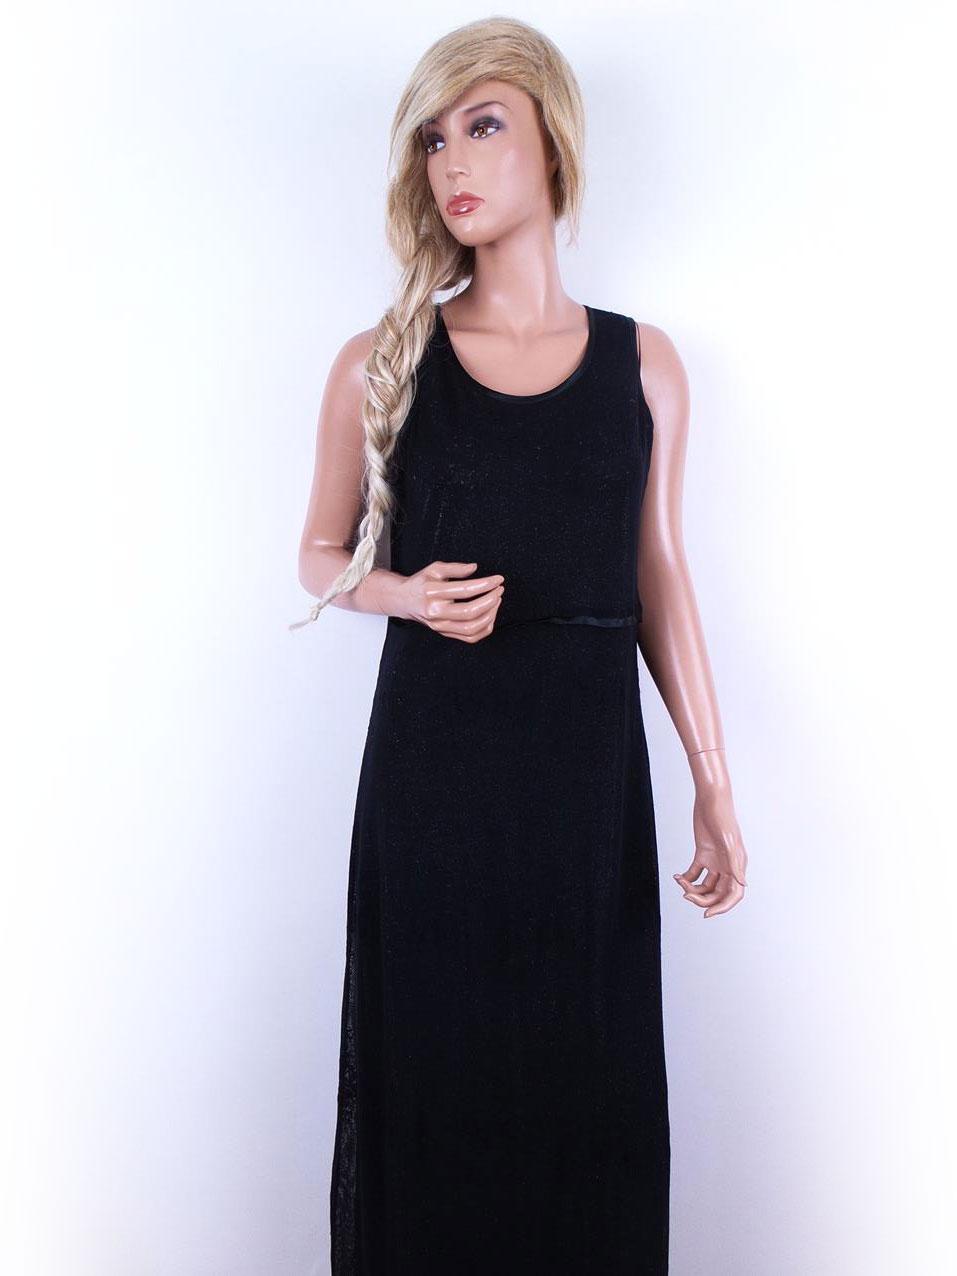 lang sort blondekjole